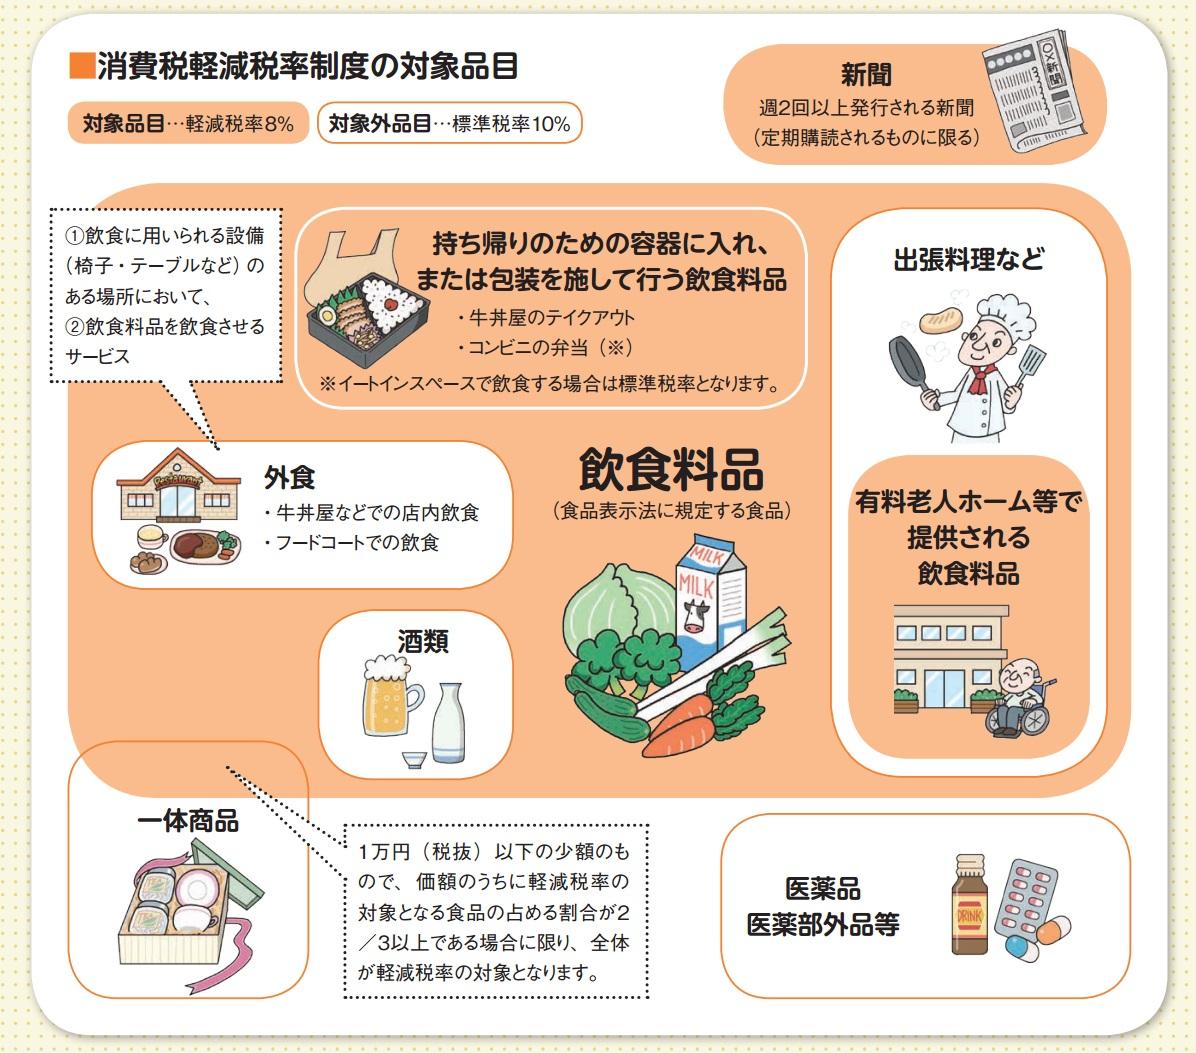 軽減税率の対象商品(中小企業庁資料より)